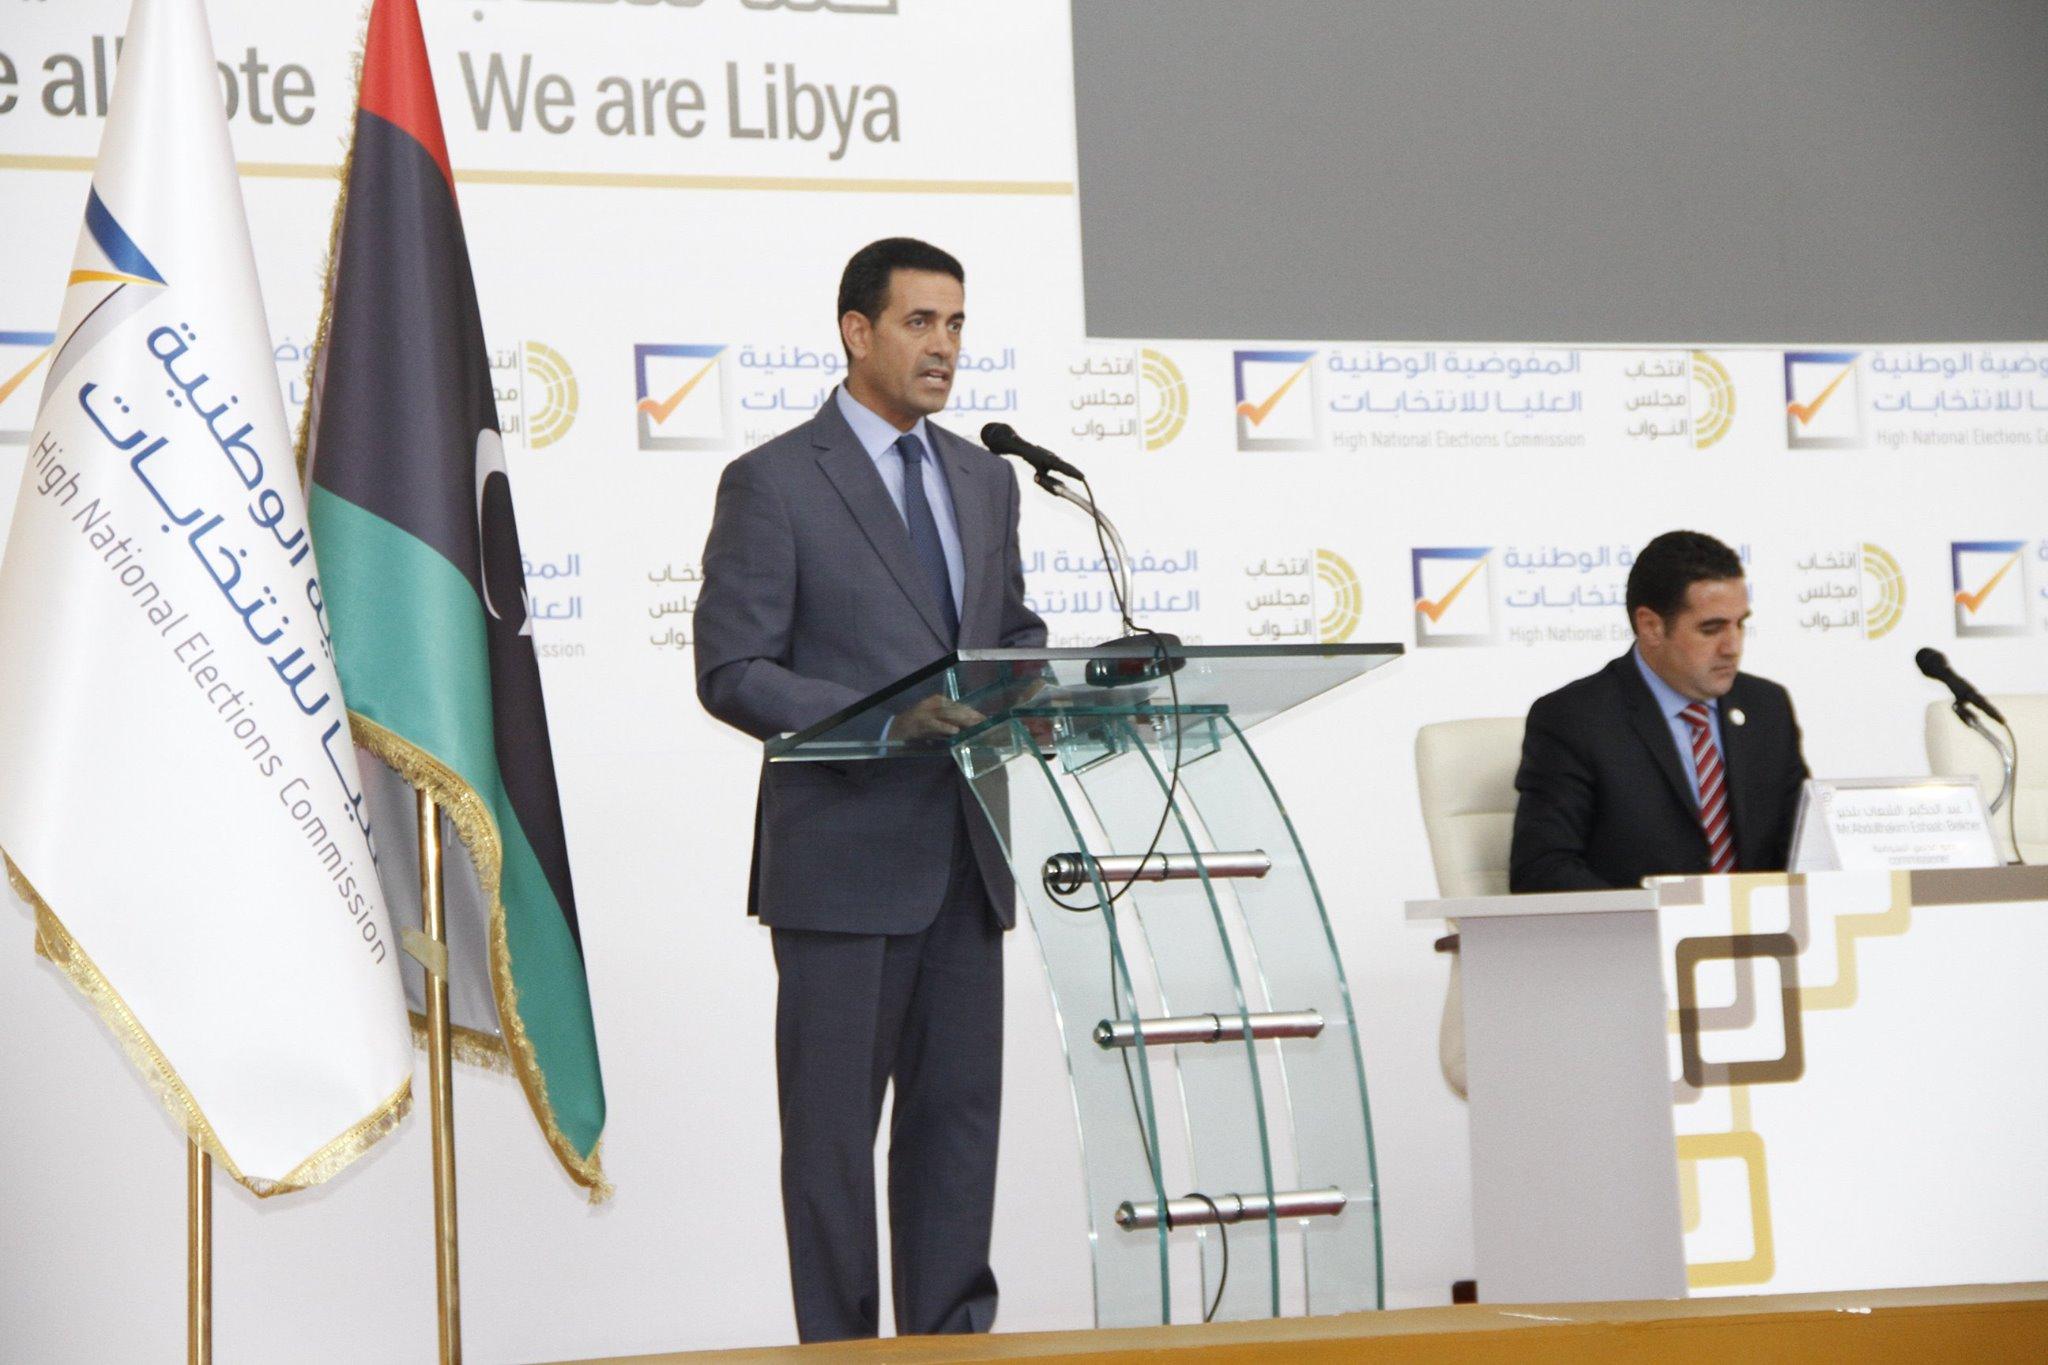 Emad Al-Sayeh speaking at HNEC headquarters (Photo: HNEC)